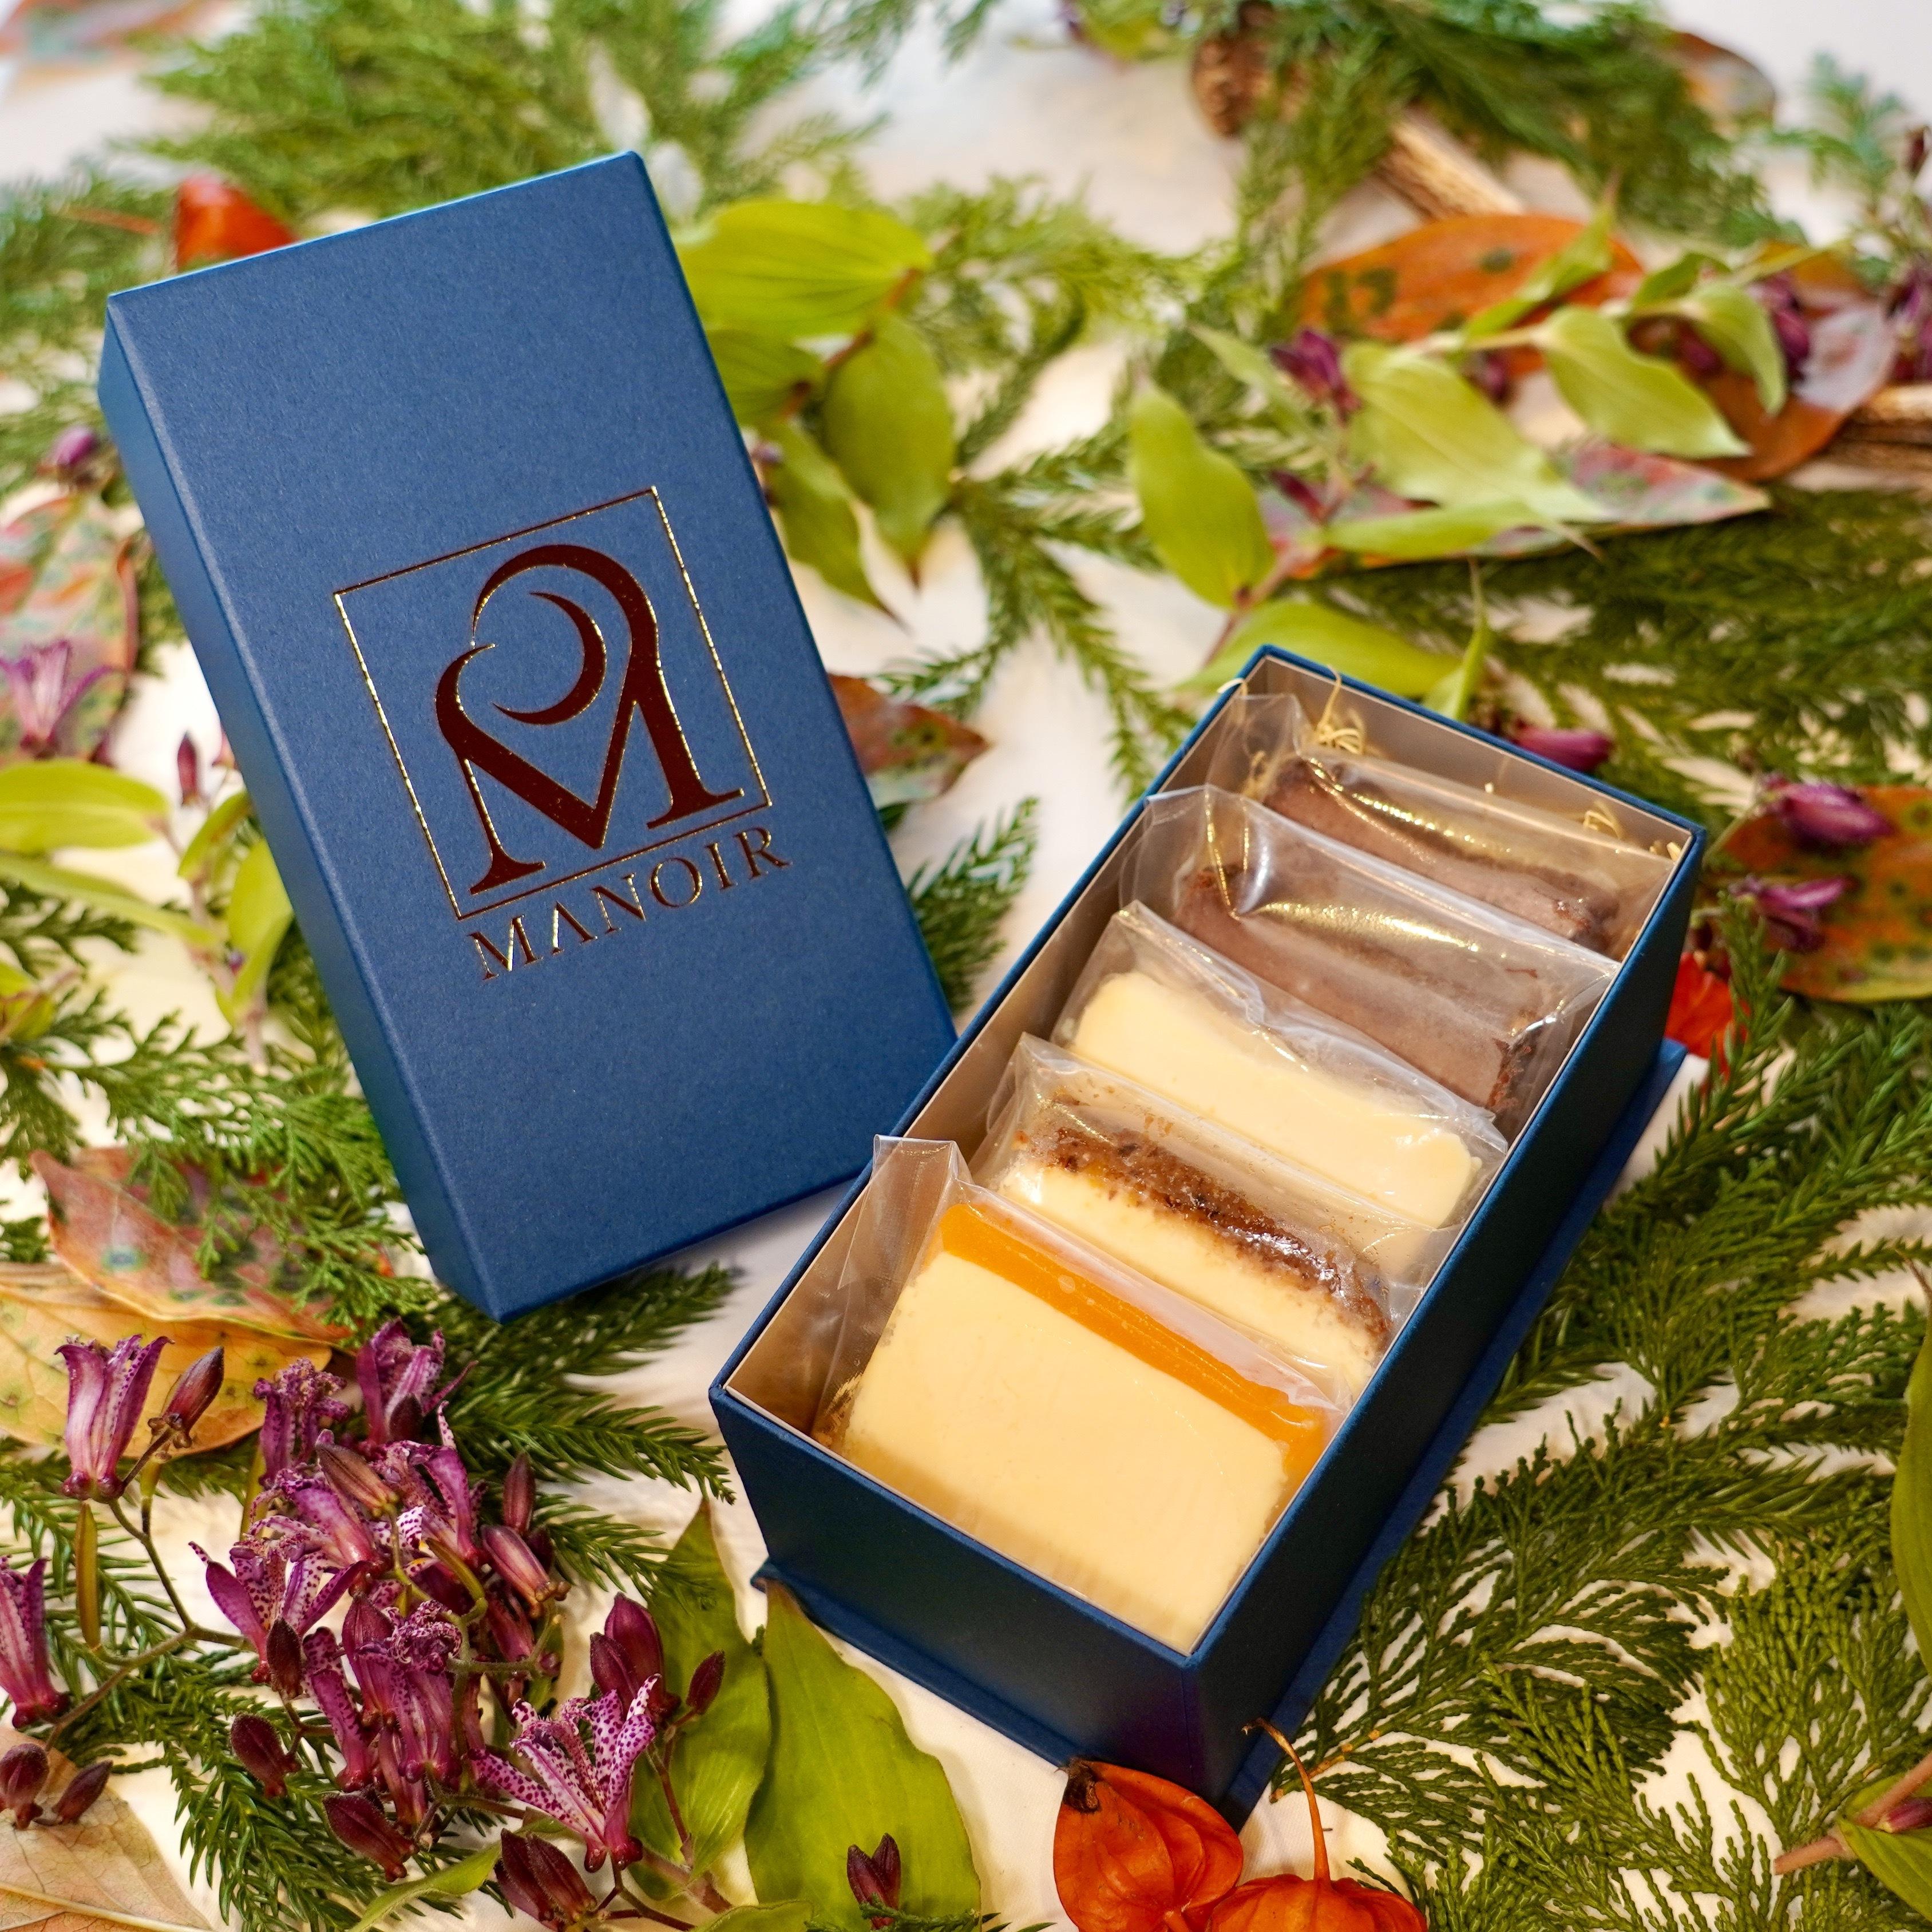 チーズケーキ5種類アソートセット(計5枚)